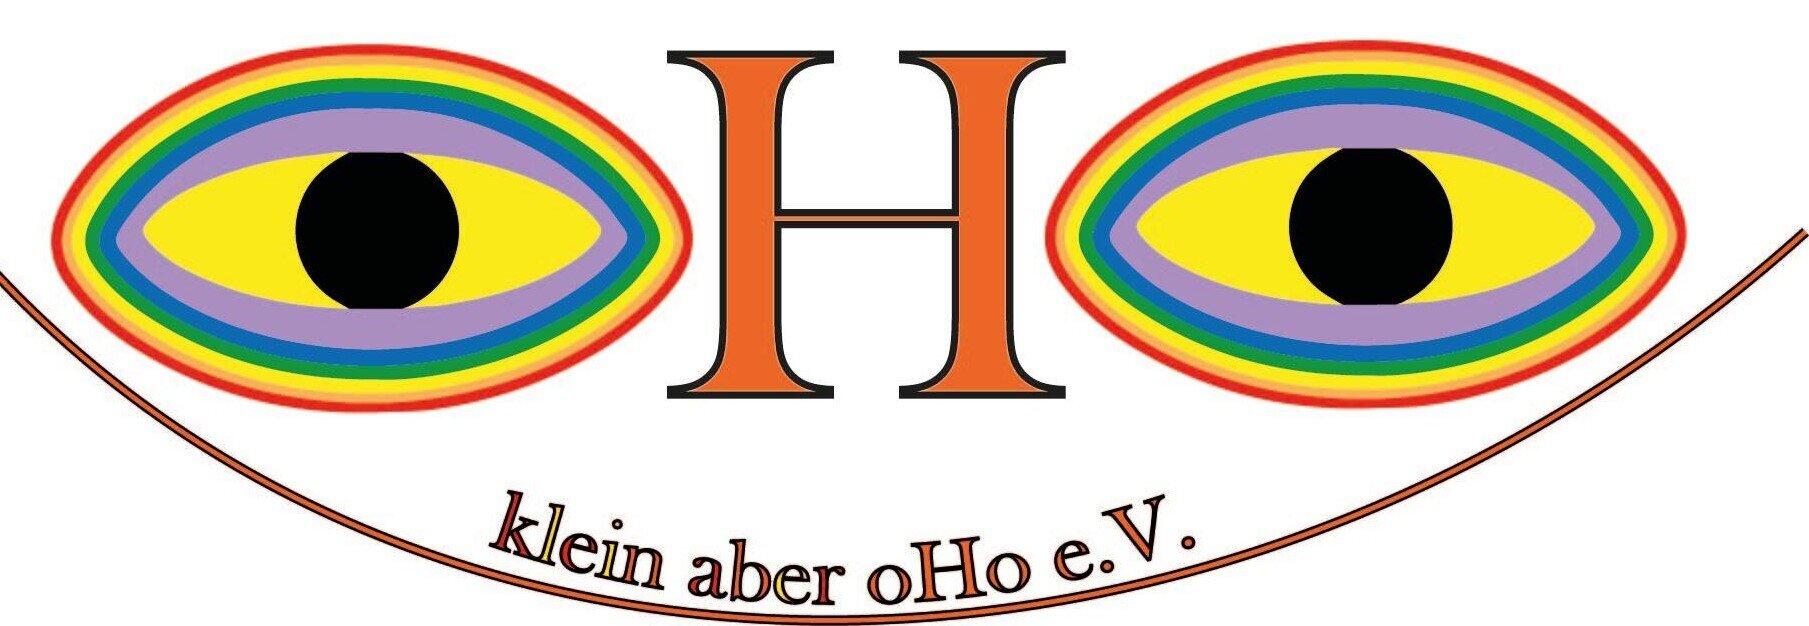 Logo_klein_aber_oho